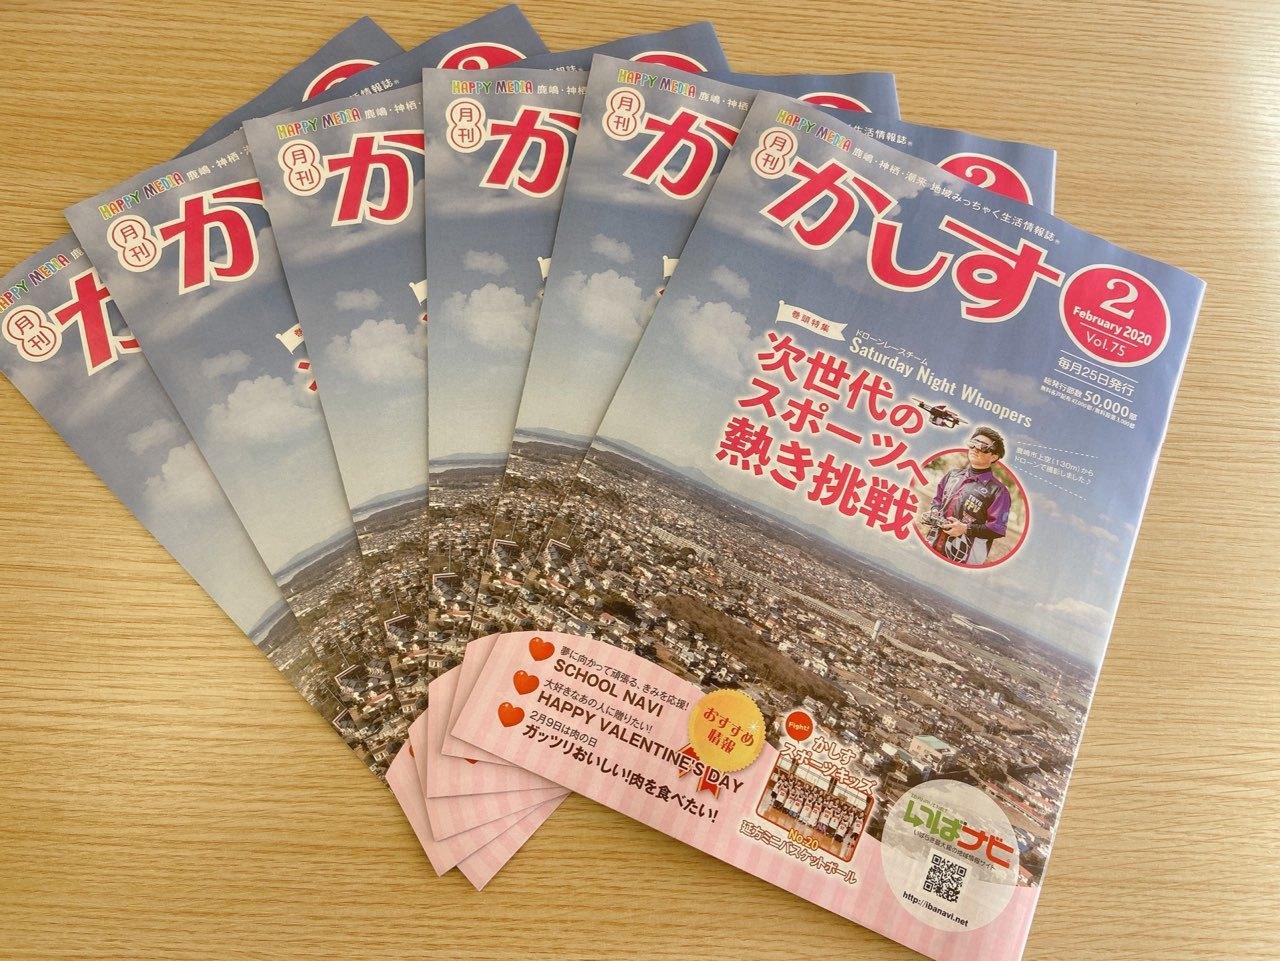 私は千葉県民ですが_b0147922_19055443.jpg